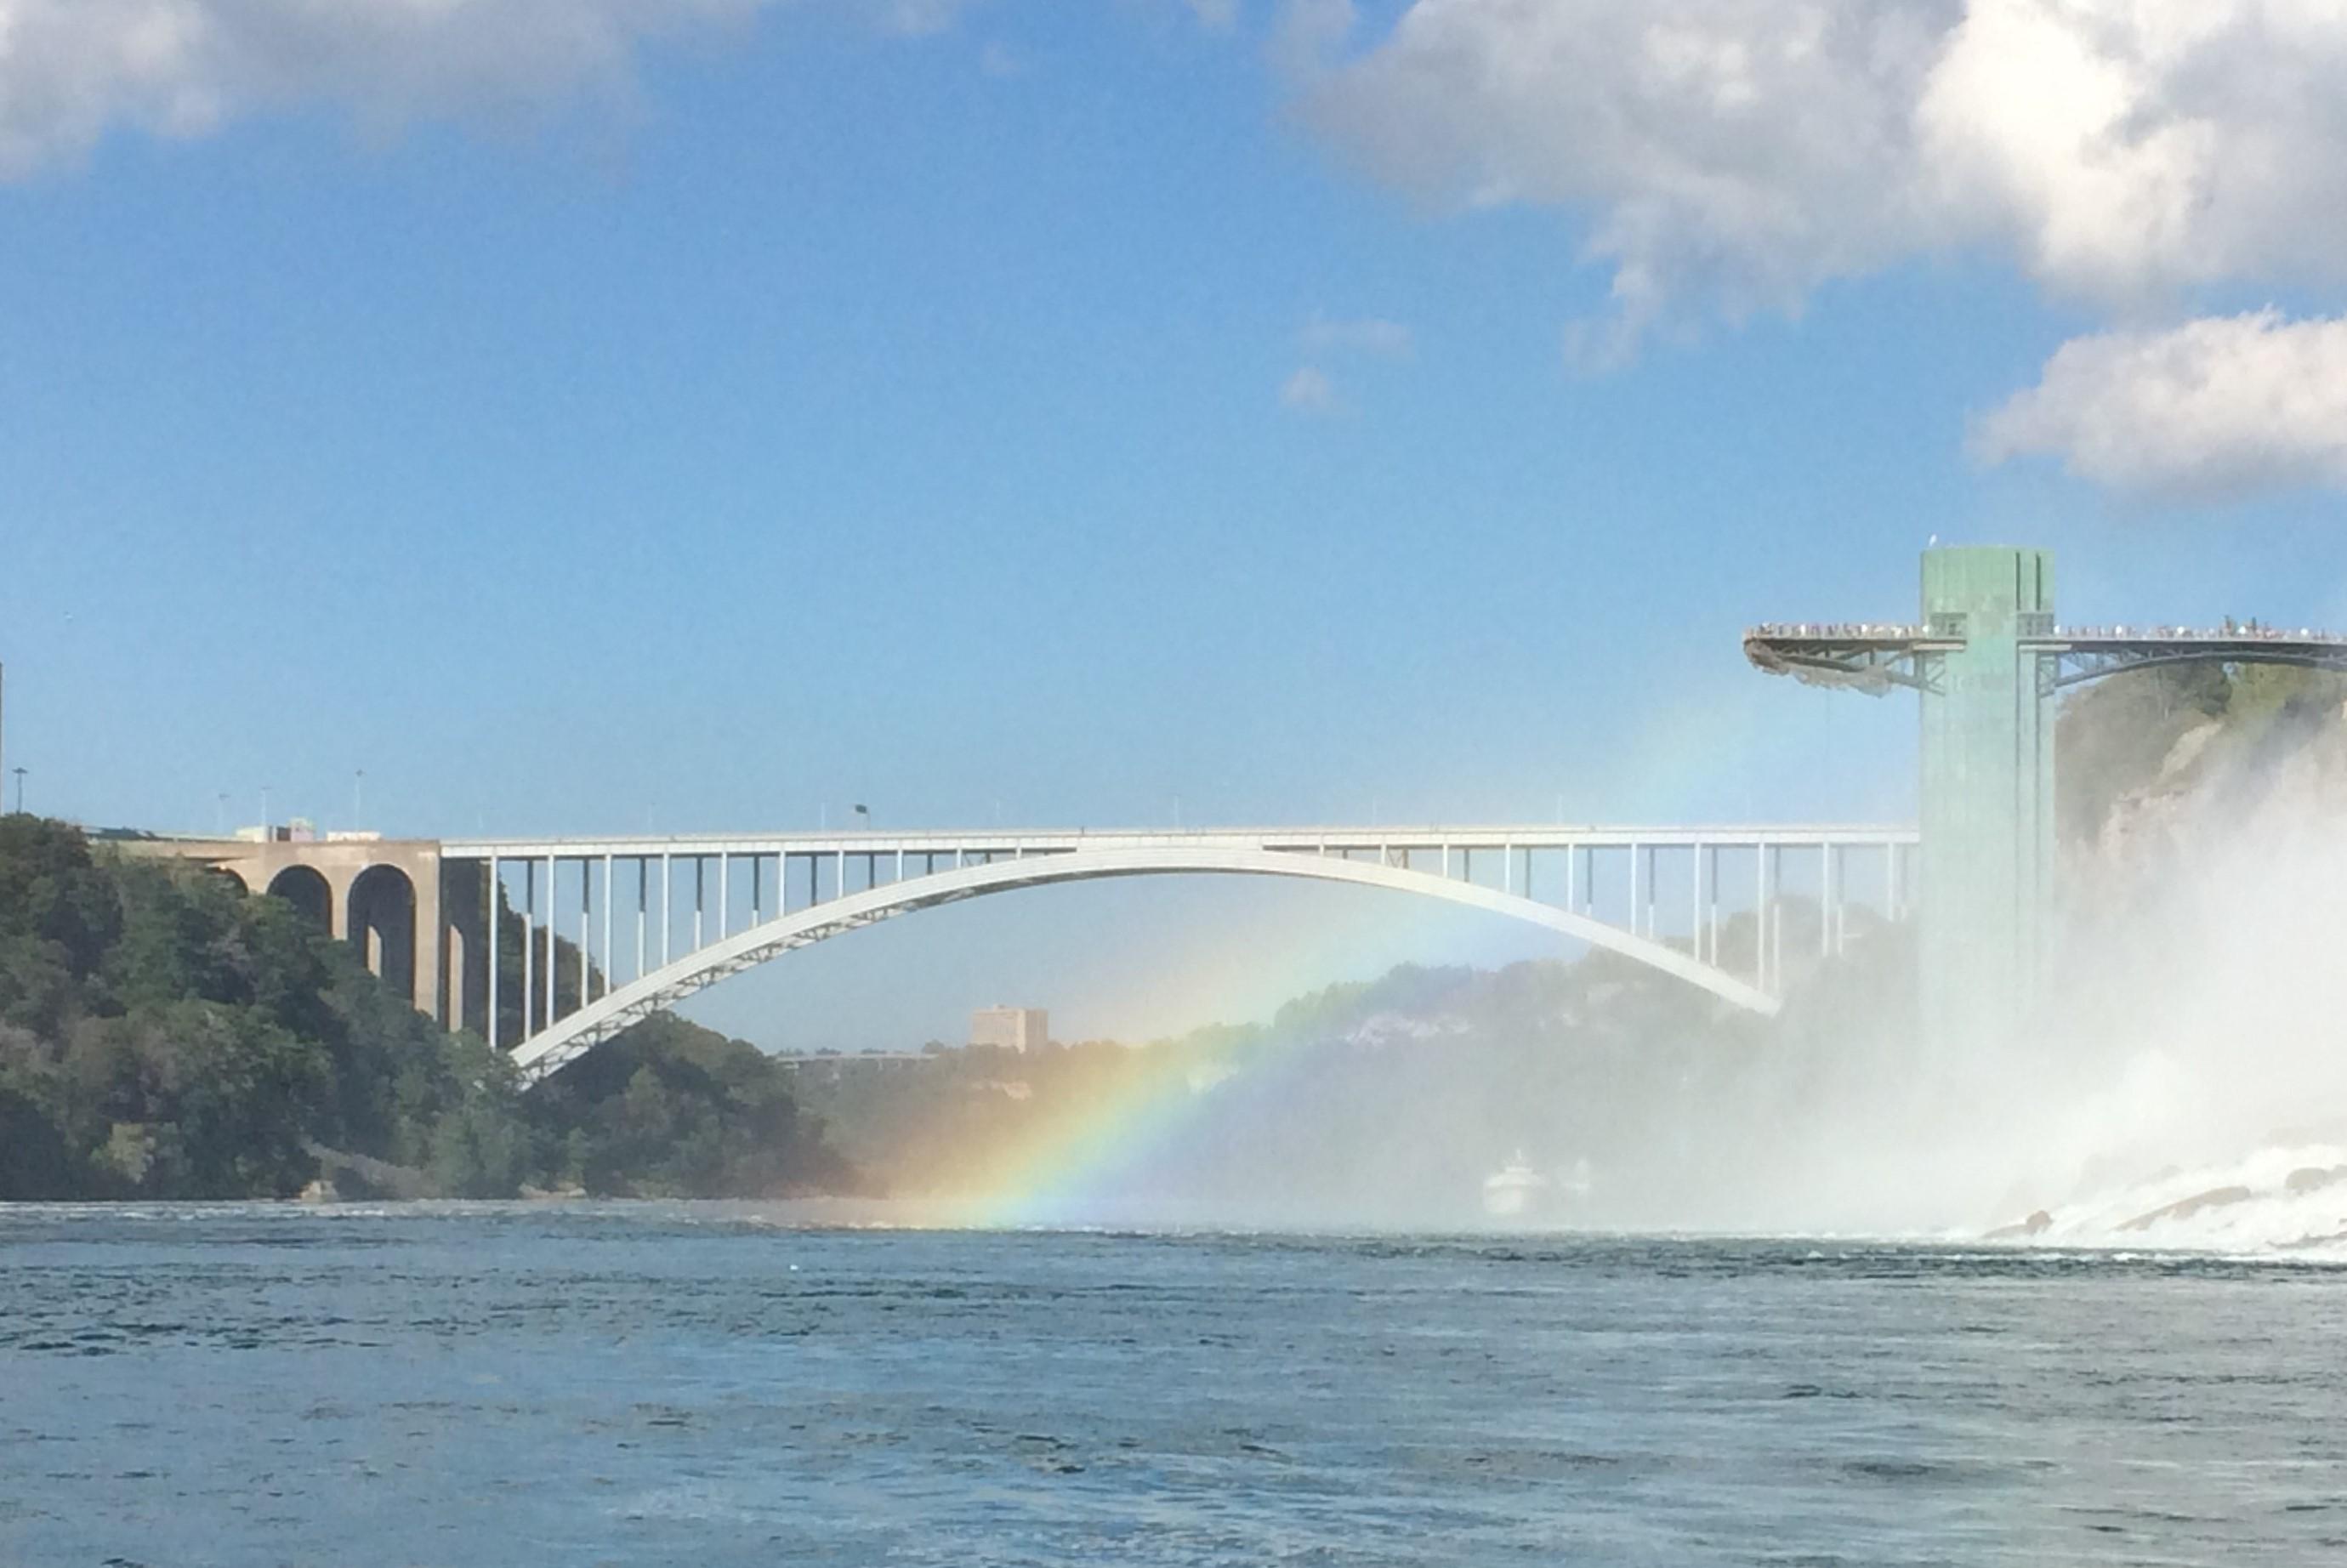 0029 2015-09-22 16.13.00 Niagara Falls, ON